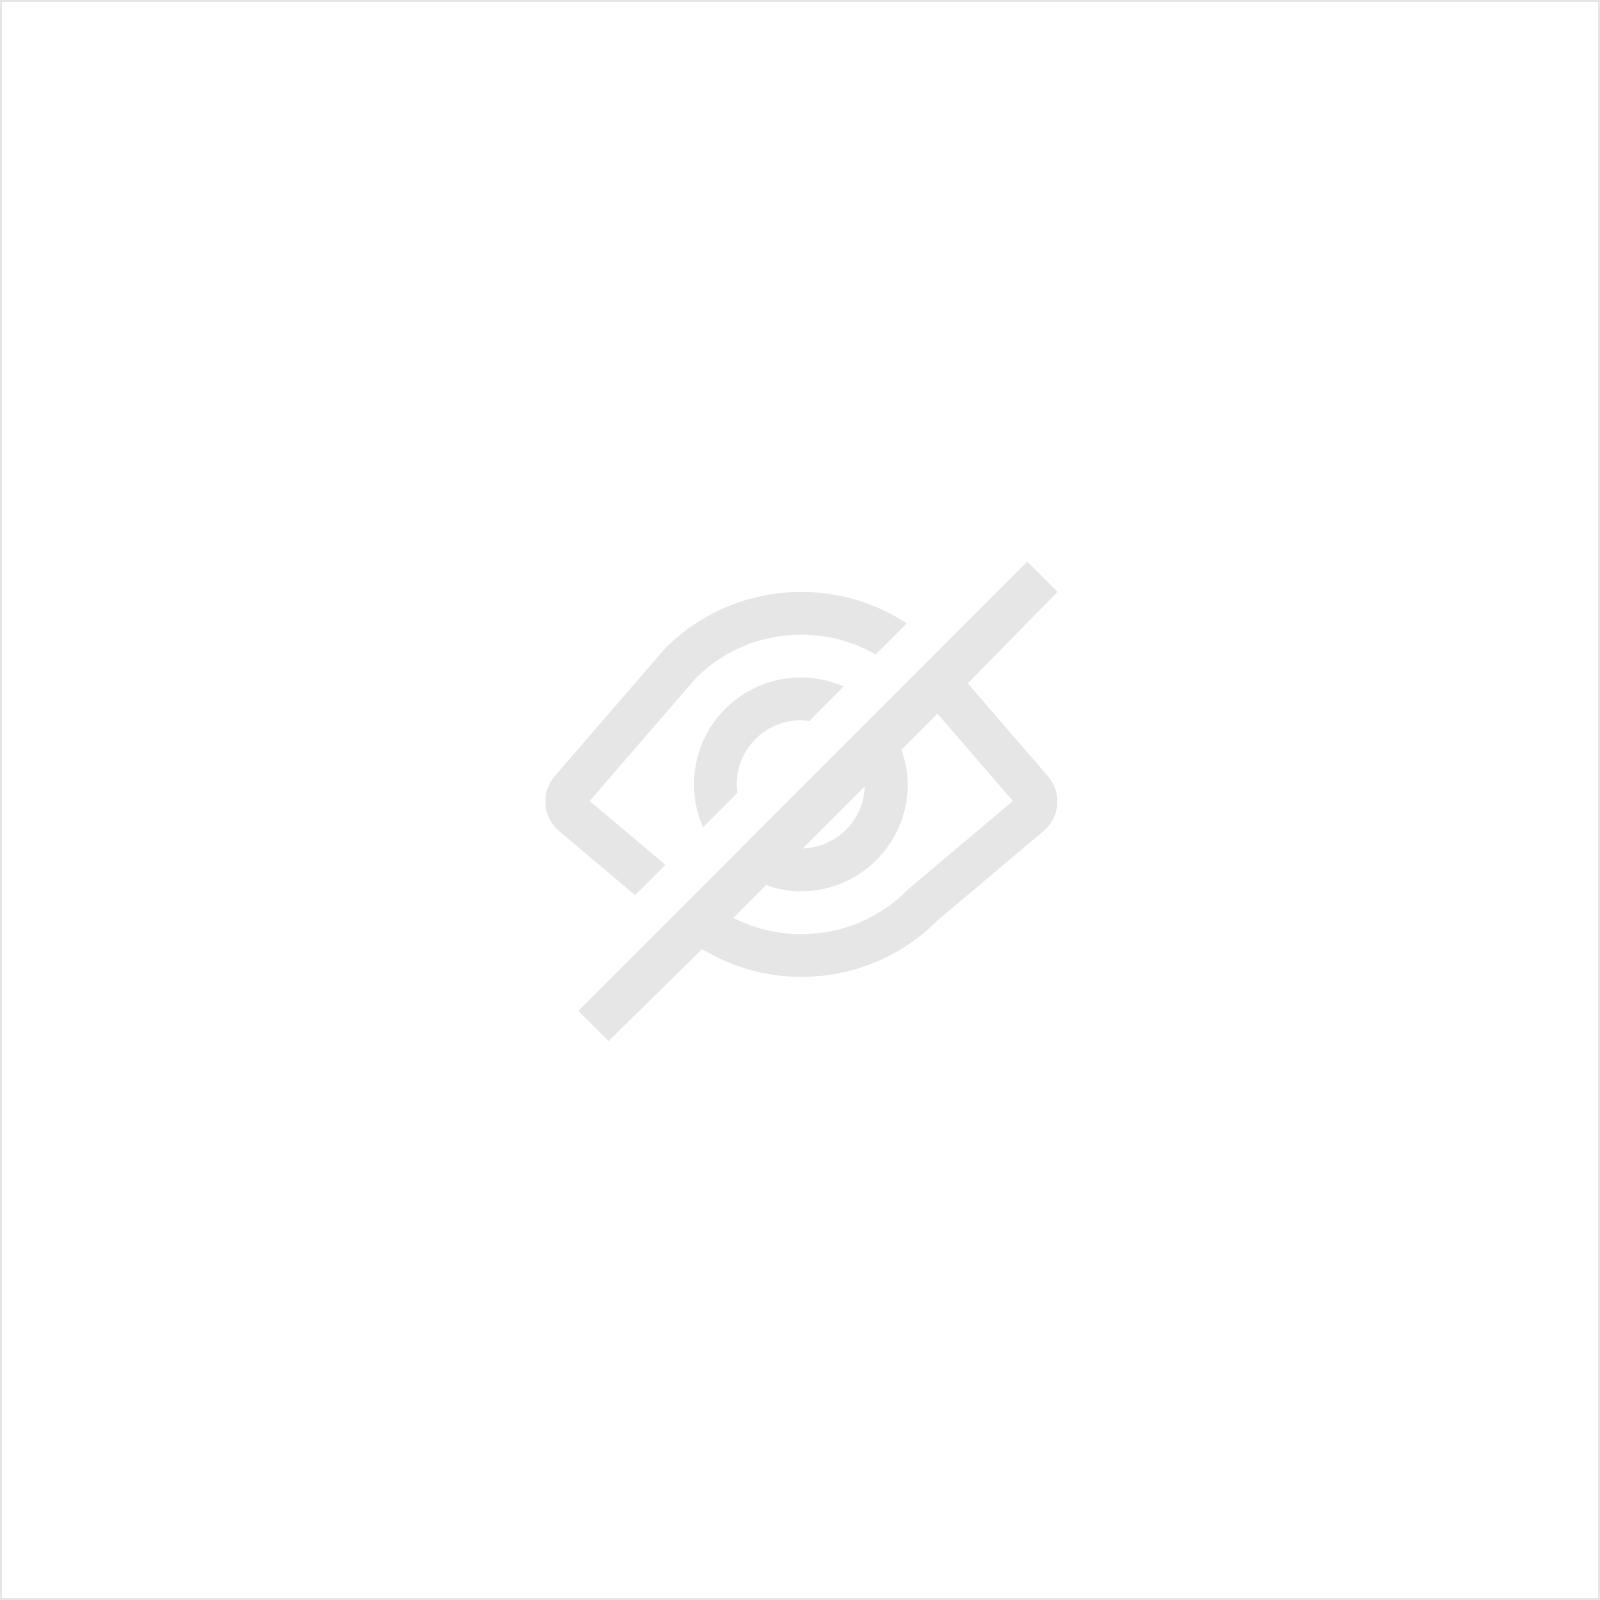 OPTIONEEL ROLPAAR VOOR BOORD EN LIJSTMACHINE 27 MM